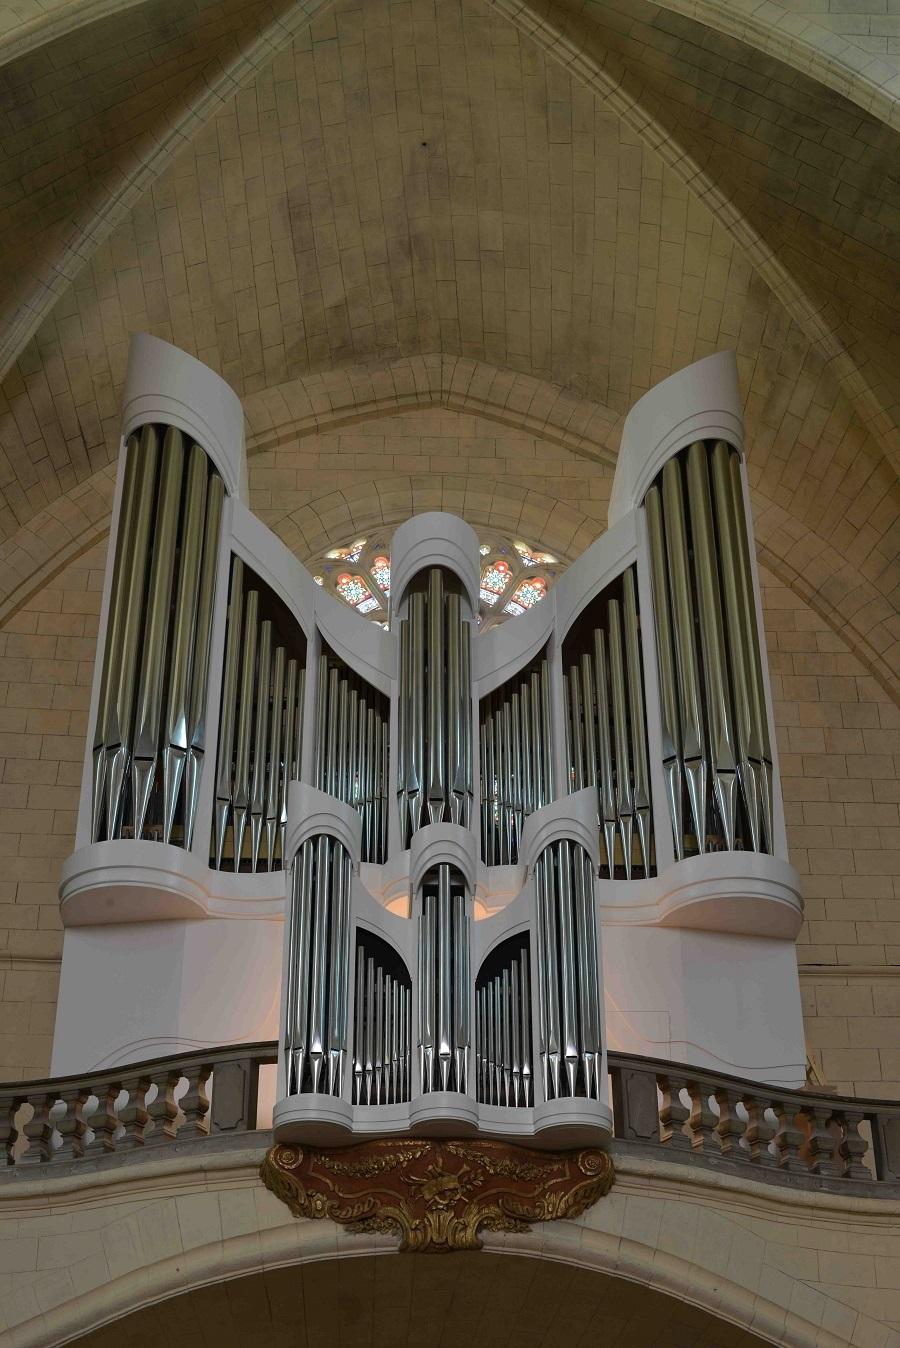 l'orgue libéré de l'échafaudage apparaît dans tout son élan